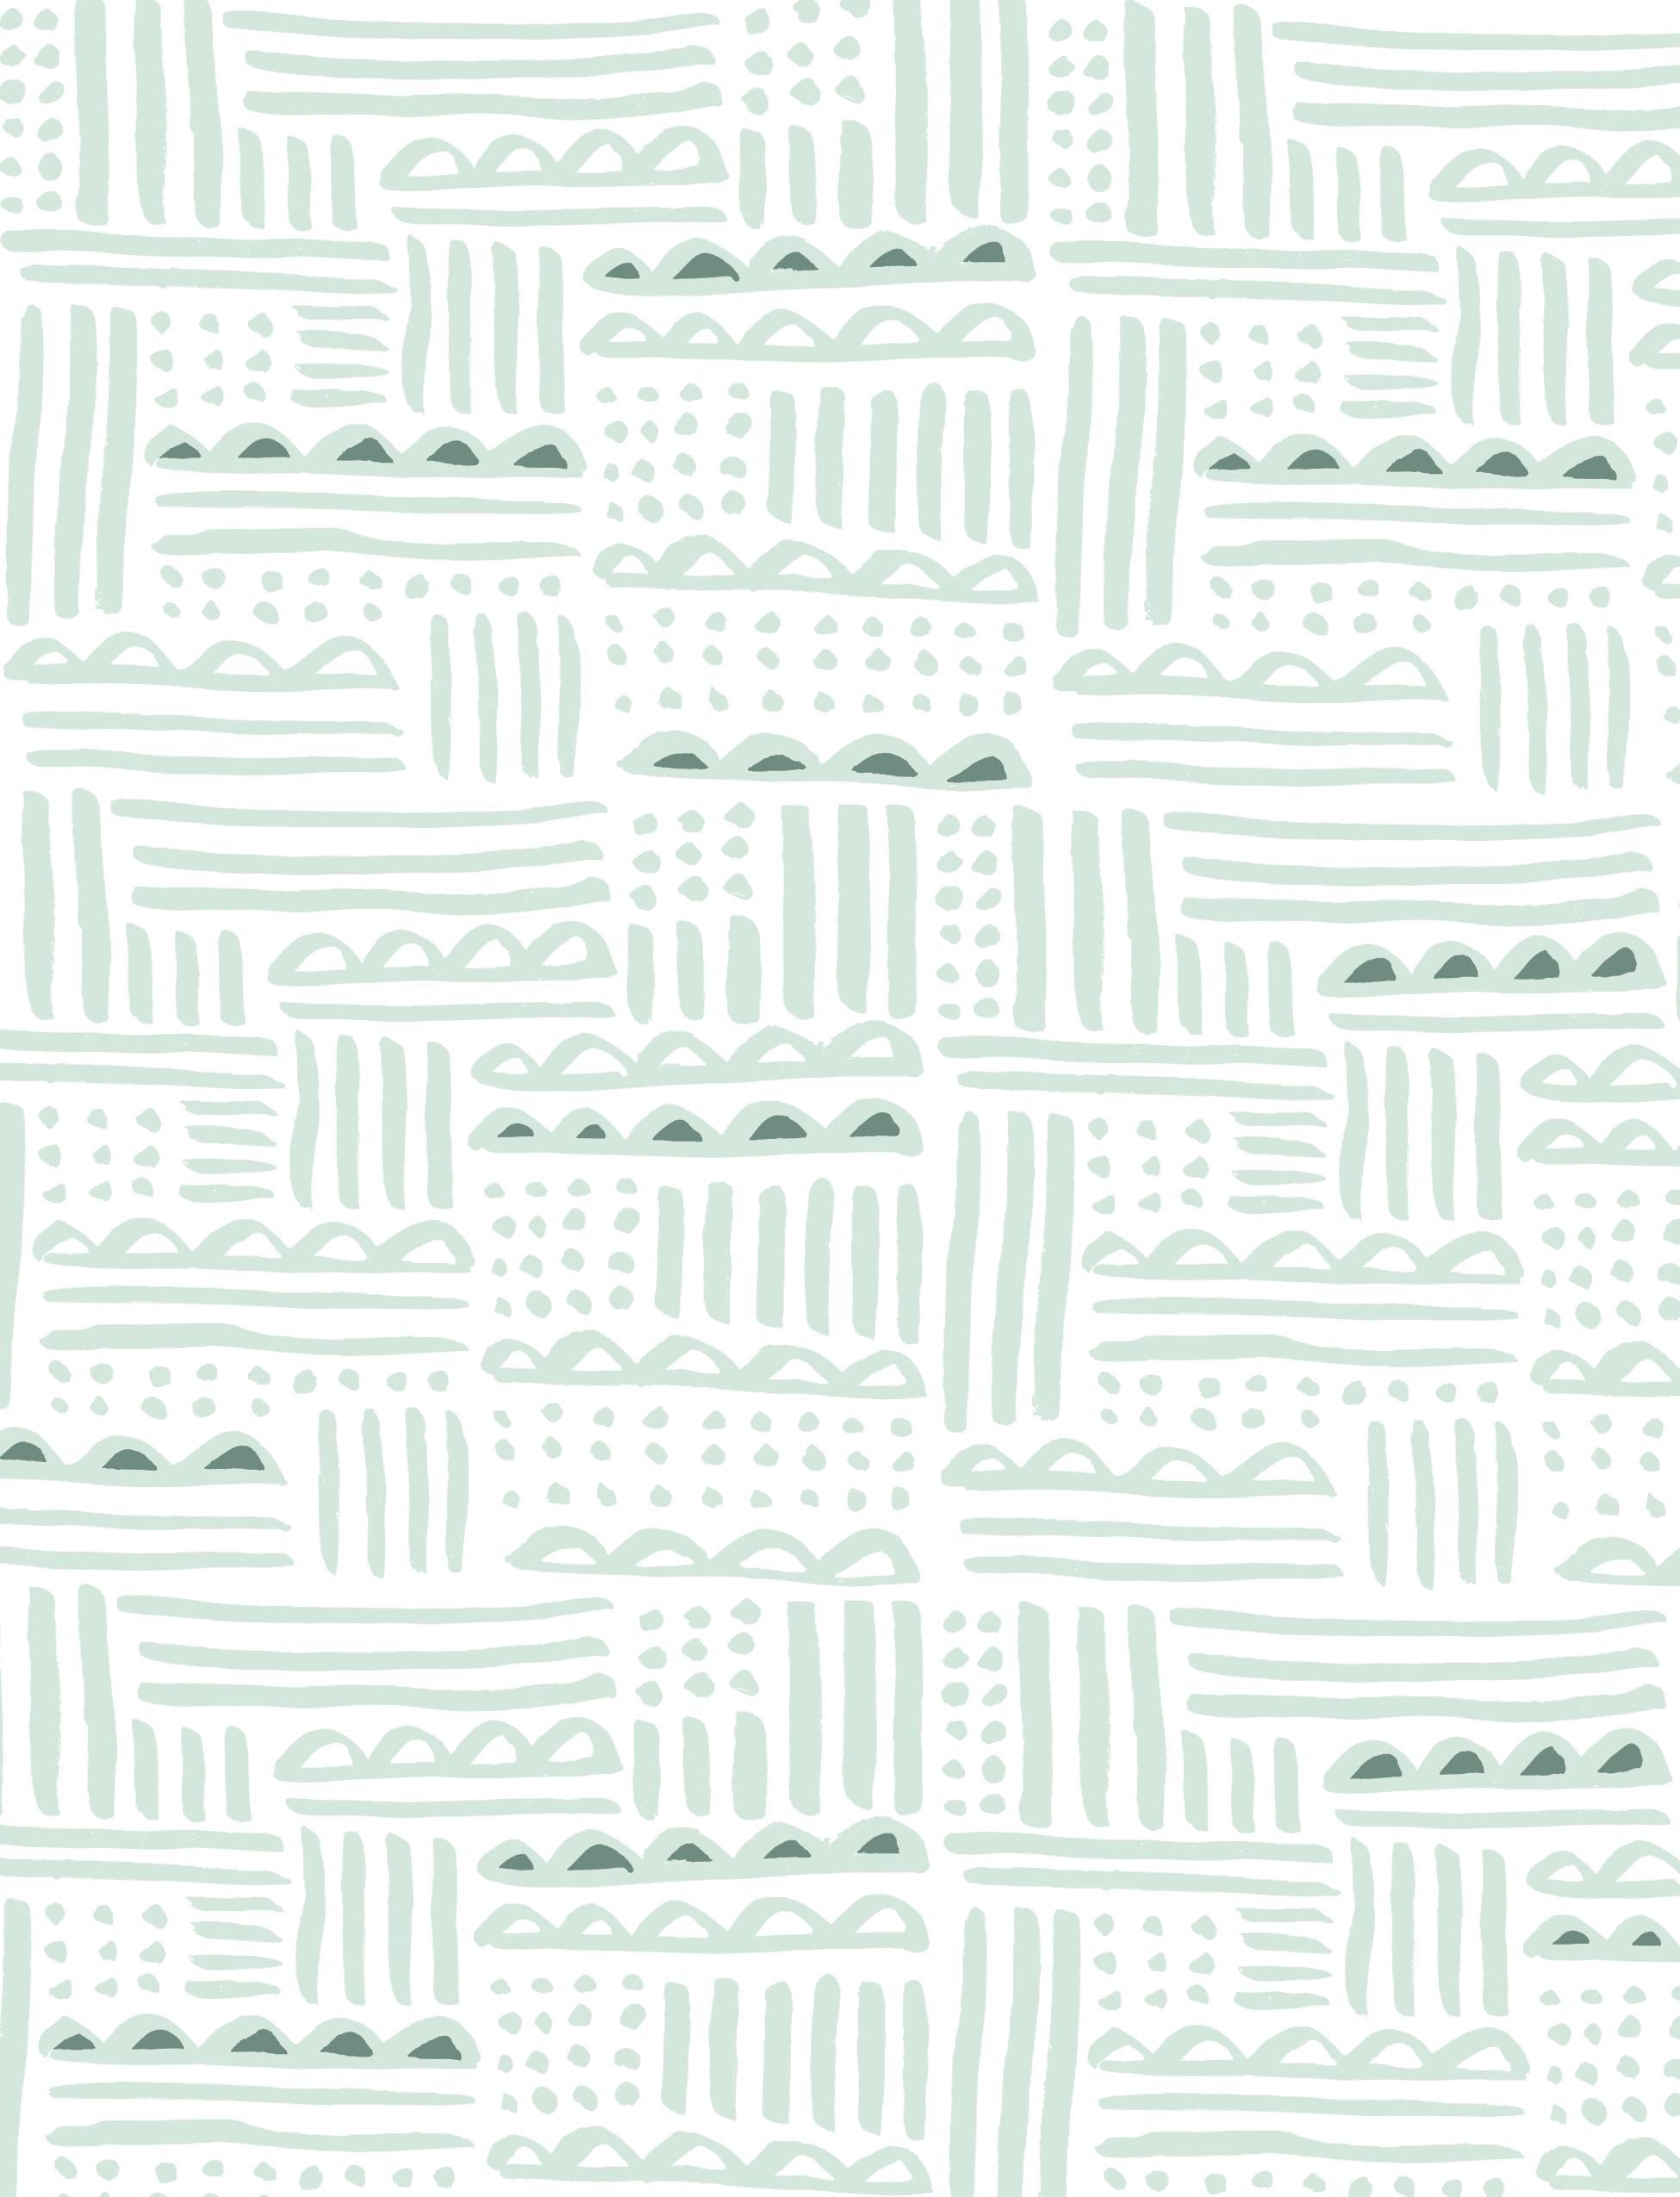 green fields pattern.jpg